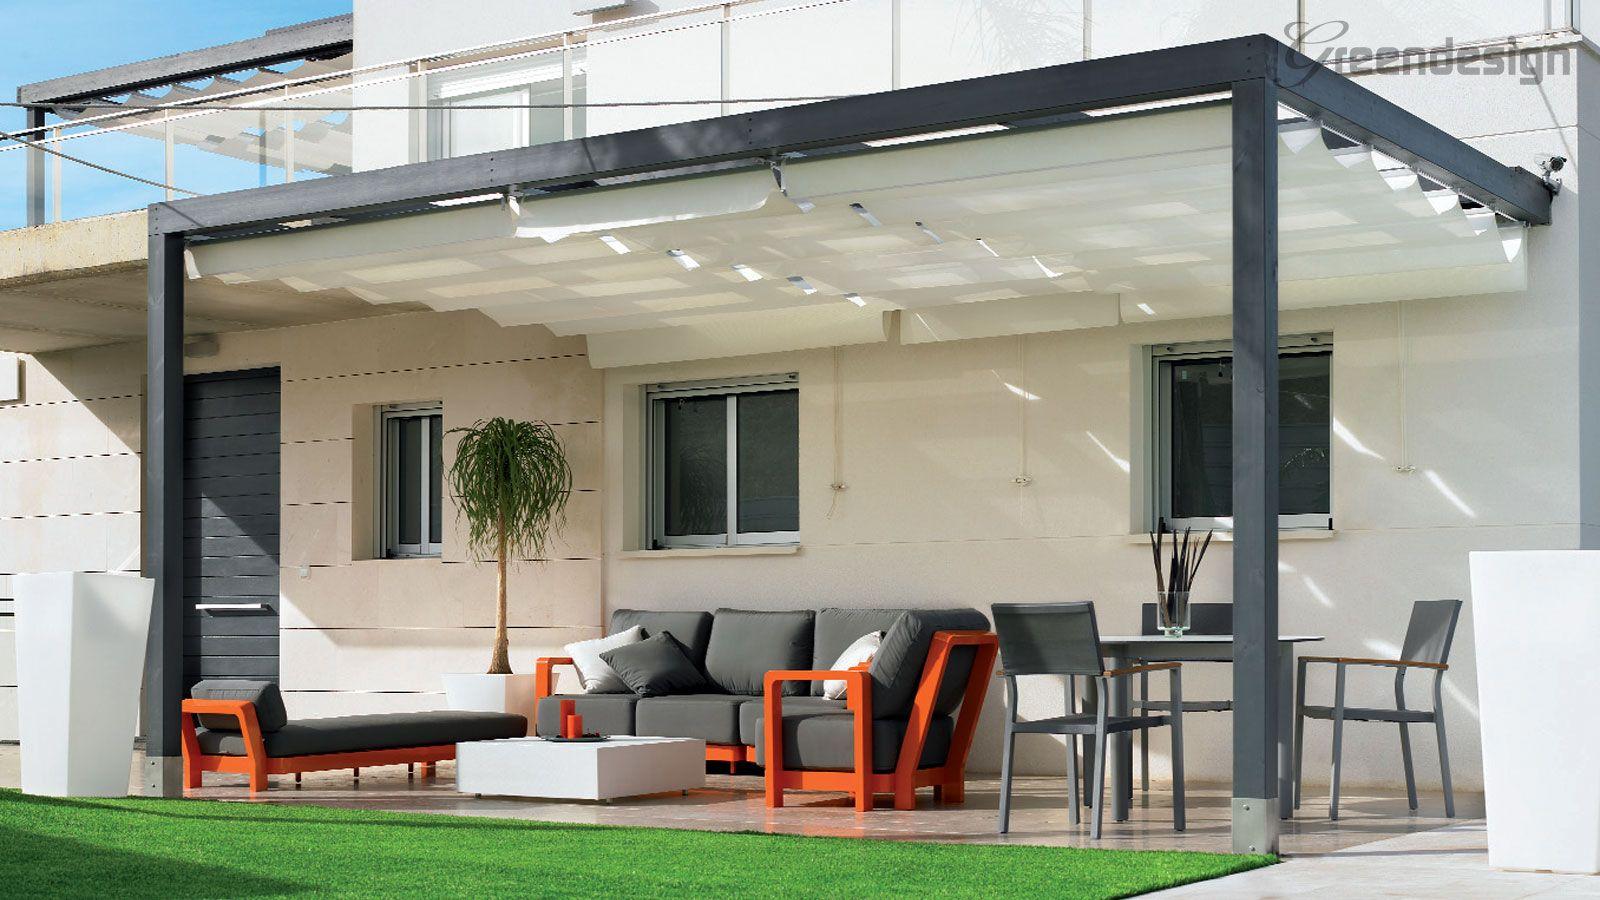 Pergola aluminio buscar con google terraza pinterest - Estructuras de aluminio para terrazas ...